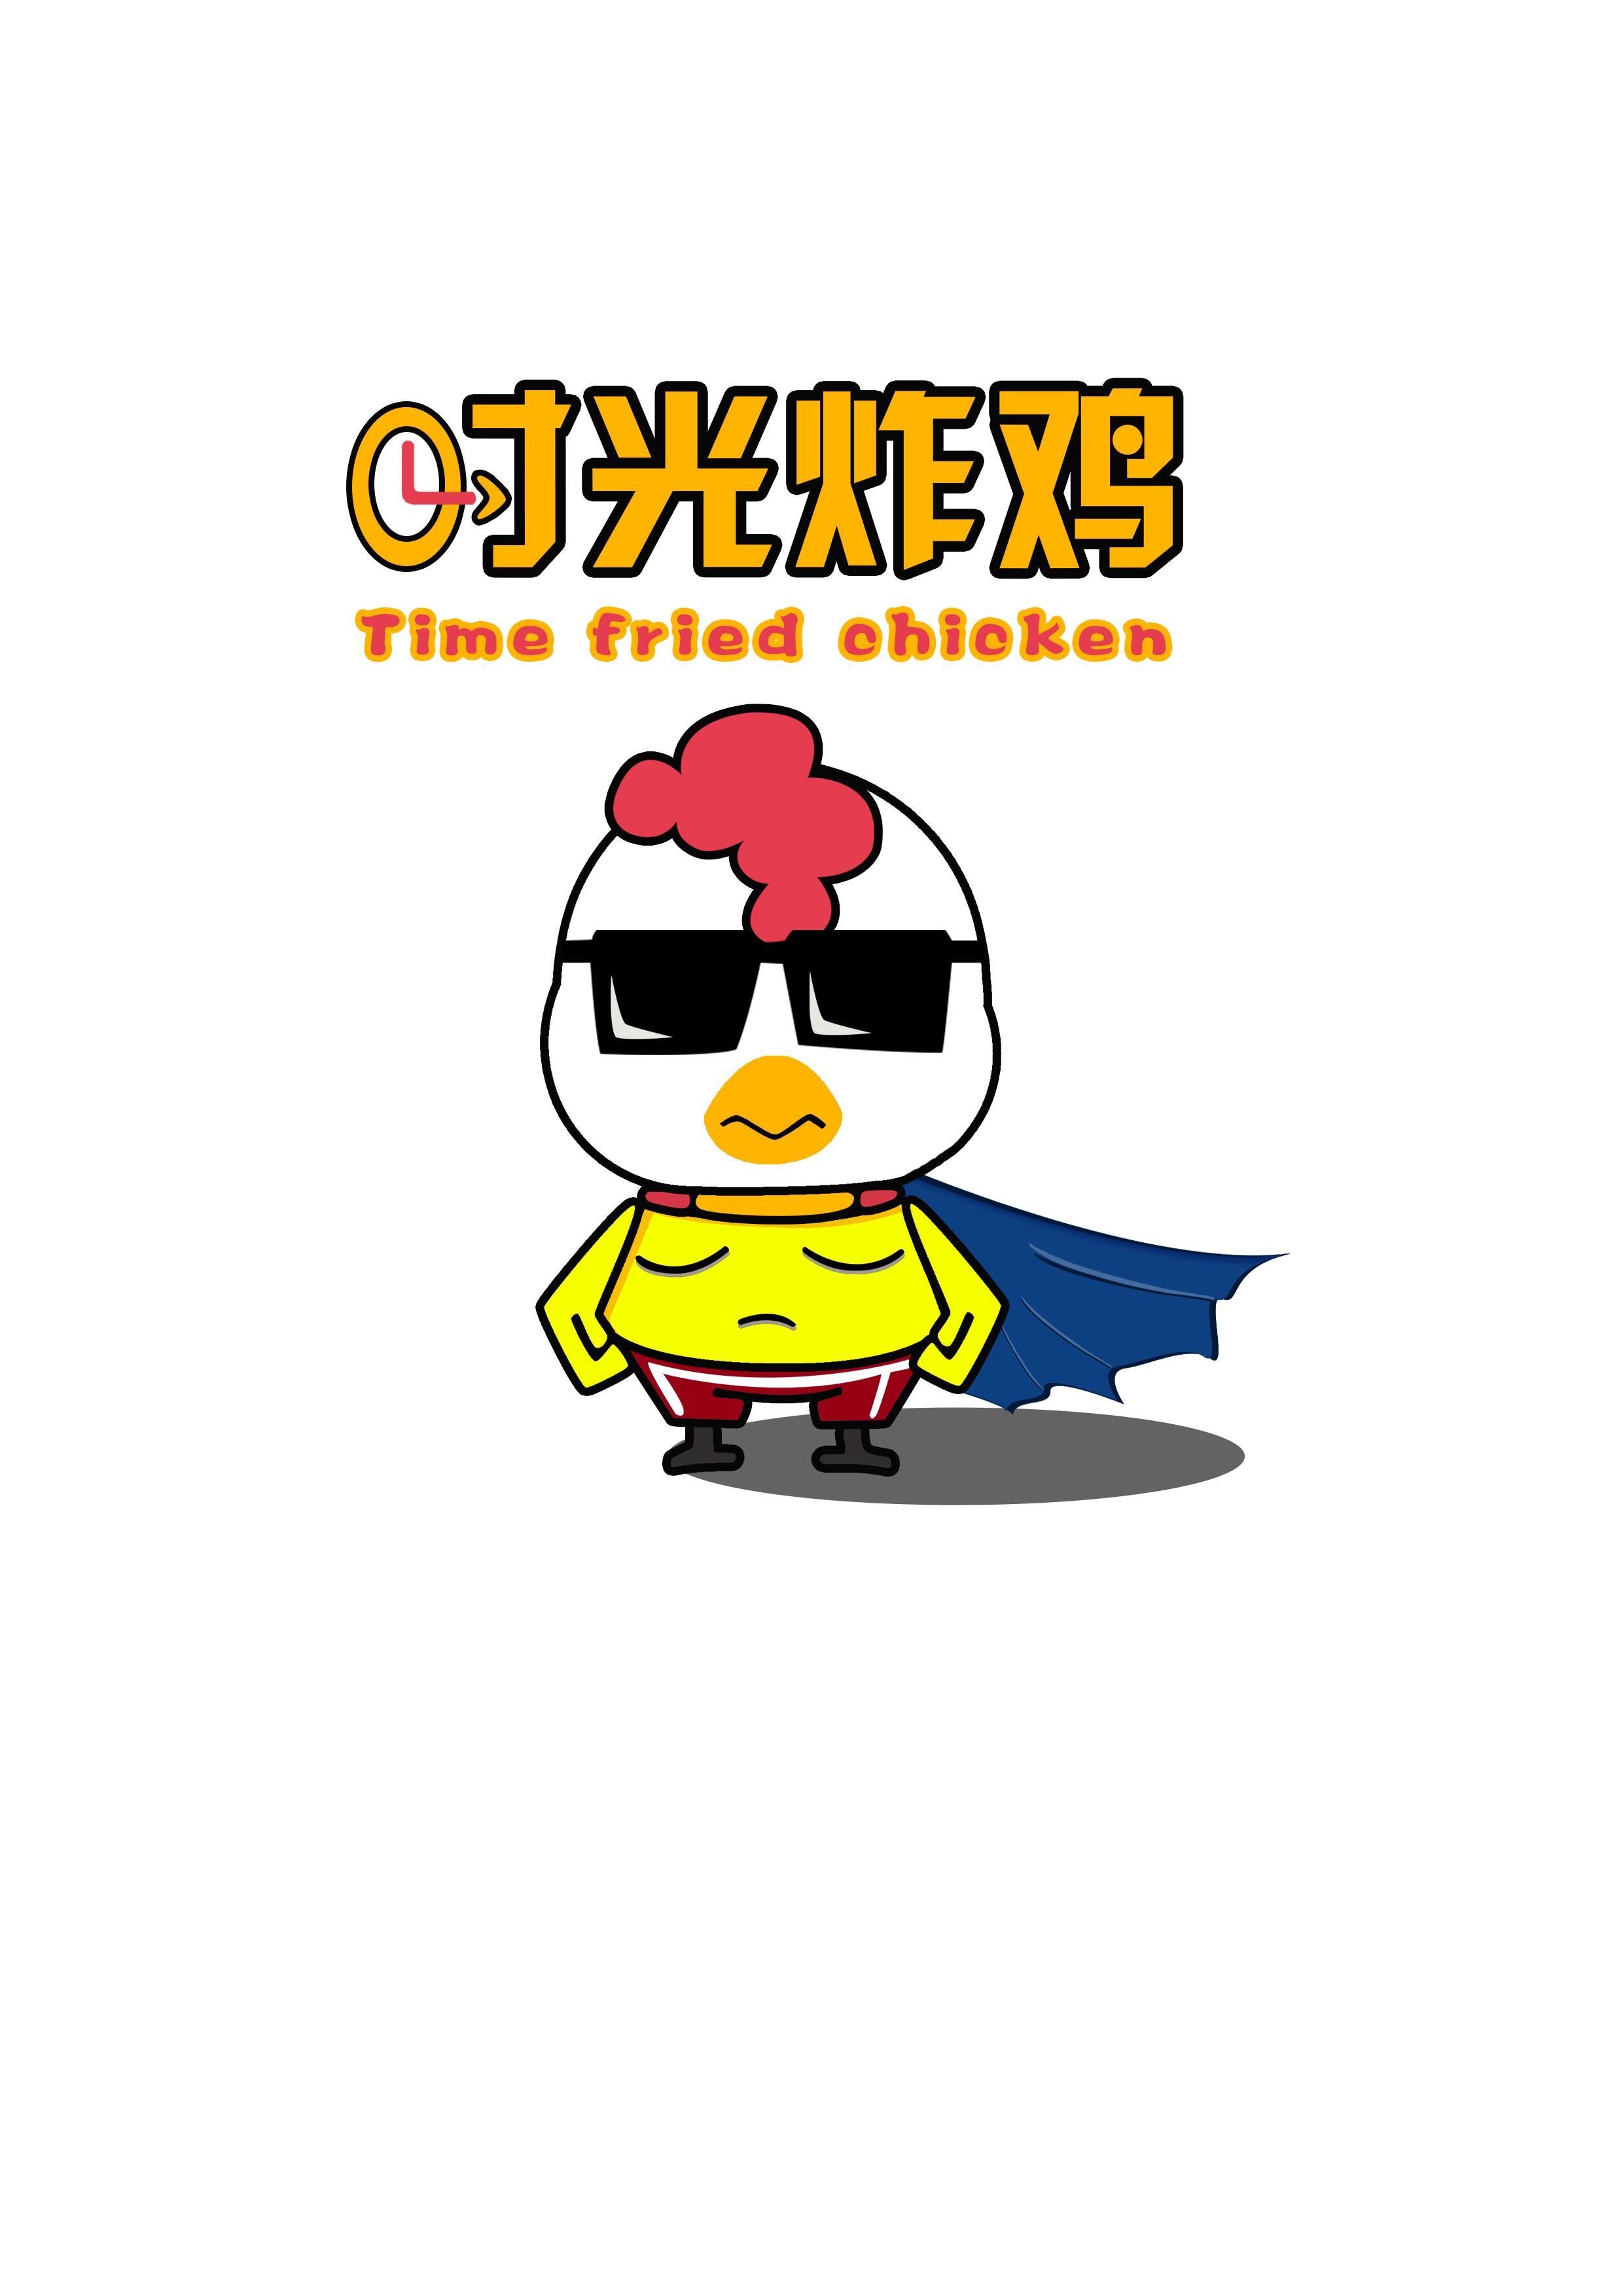 卡通炸鸡简笔画图片